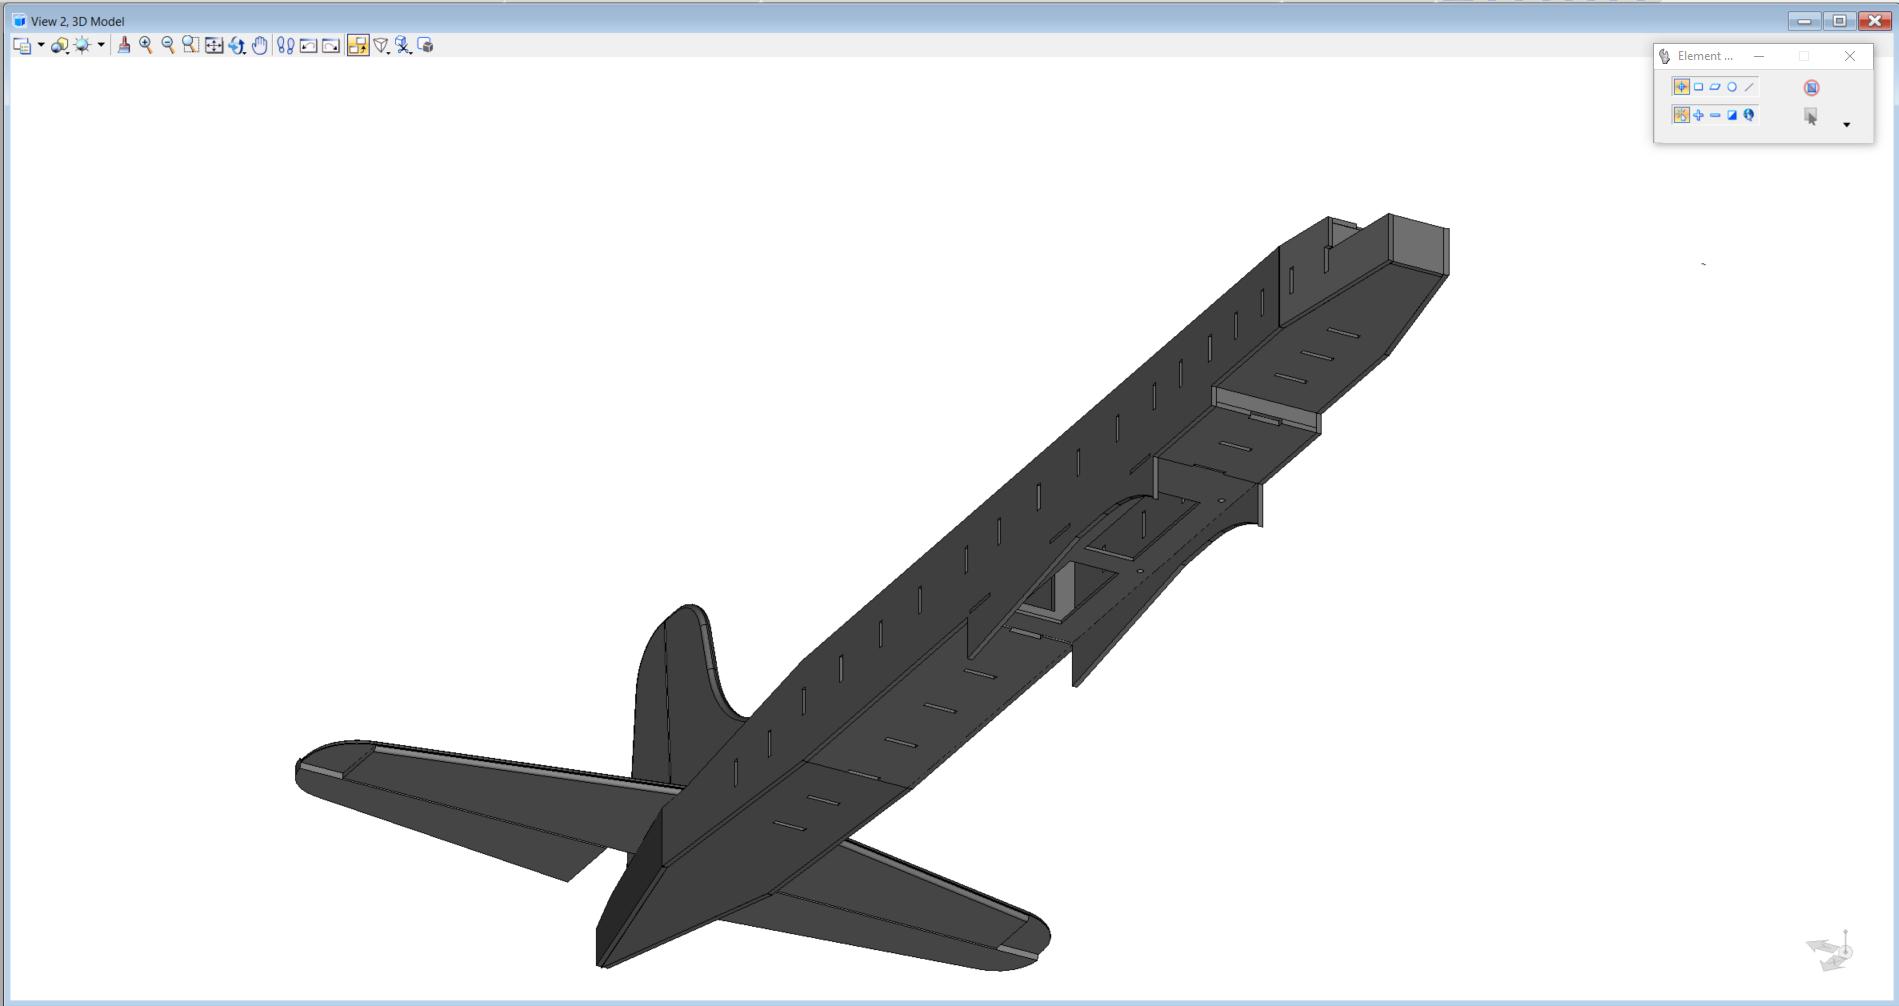 DouglasDC-6-Model-3D-4.png